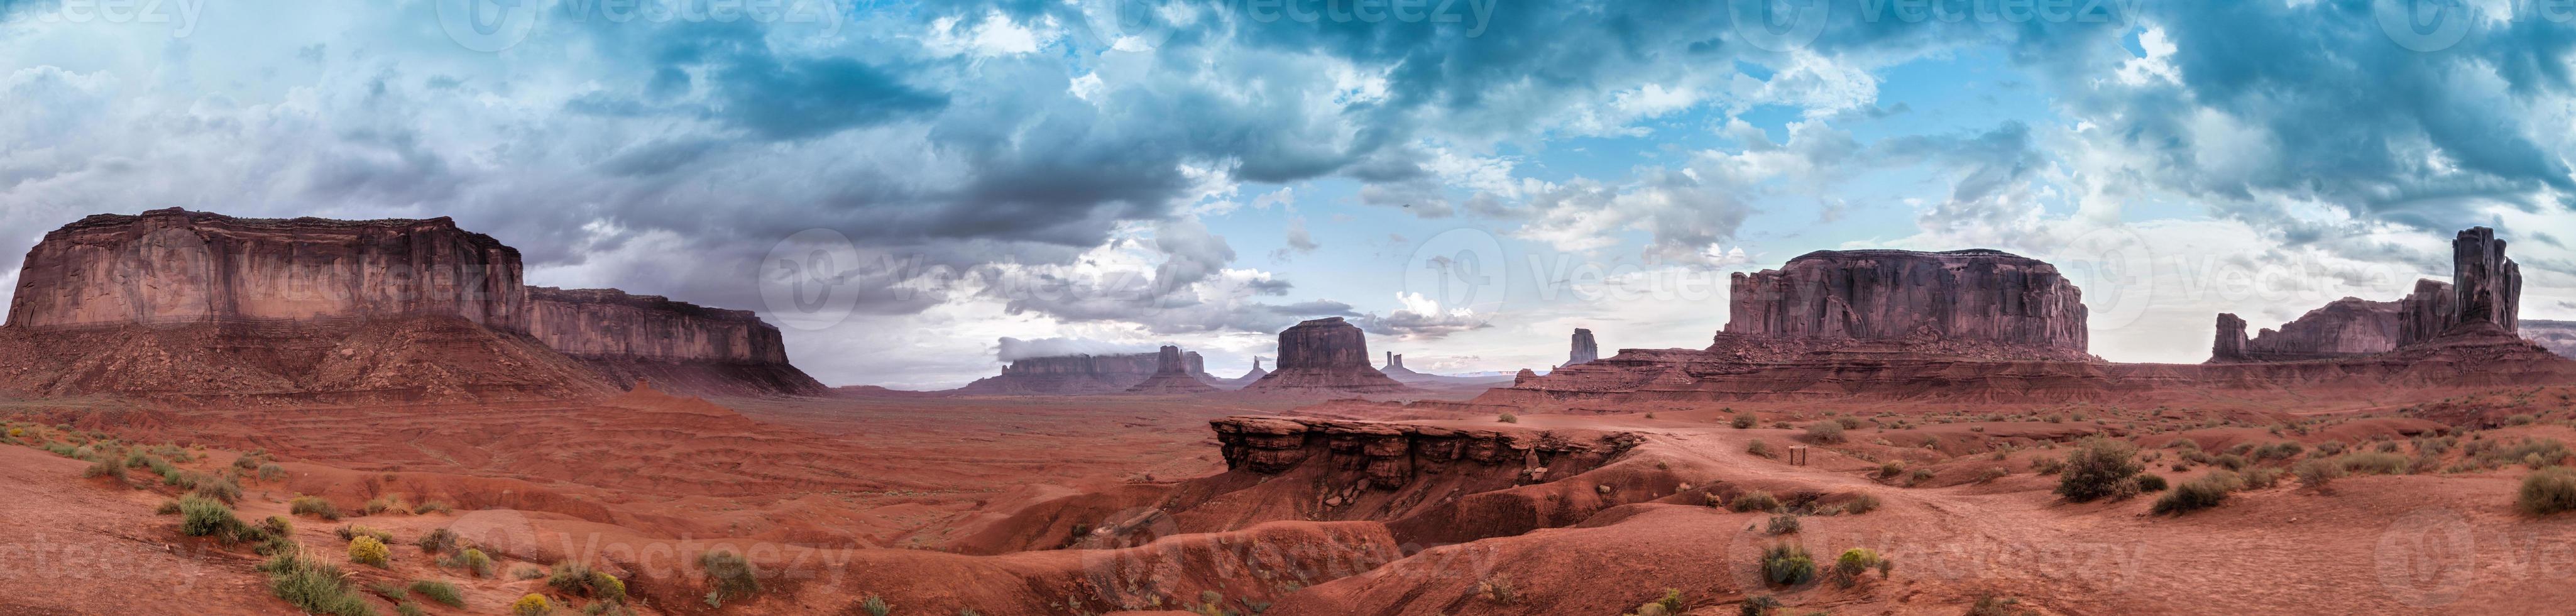 monumento vale panorama horizonte foto